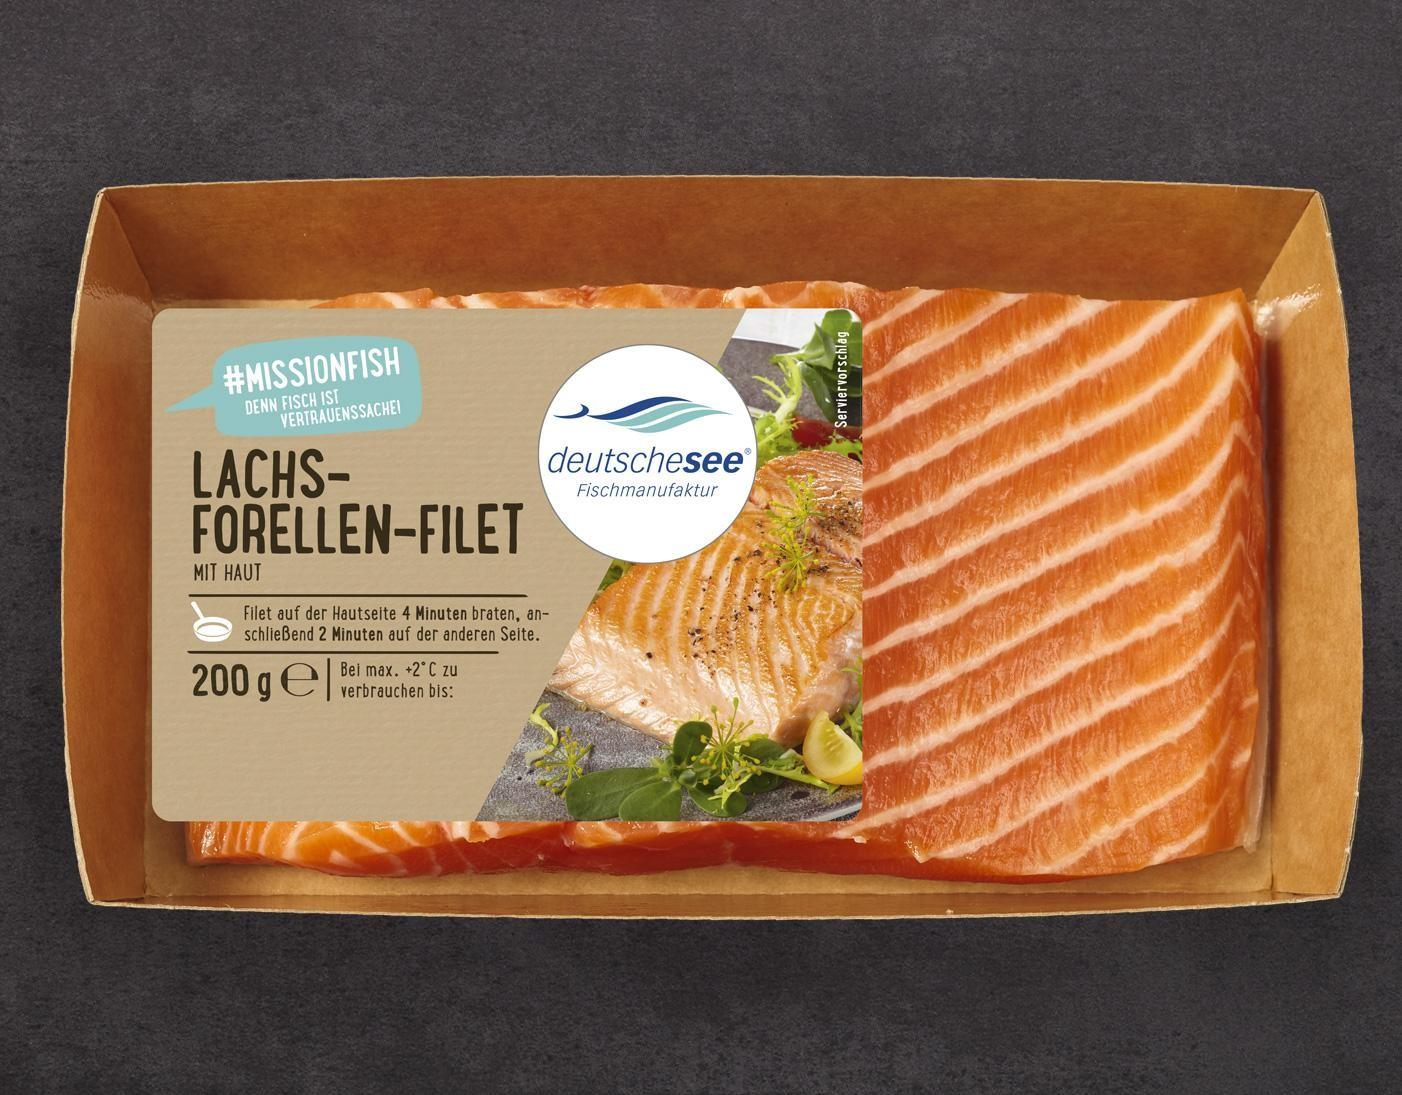 Lachsforellen-Filet jetzt kaufen!